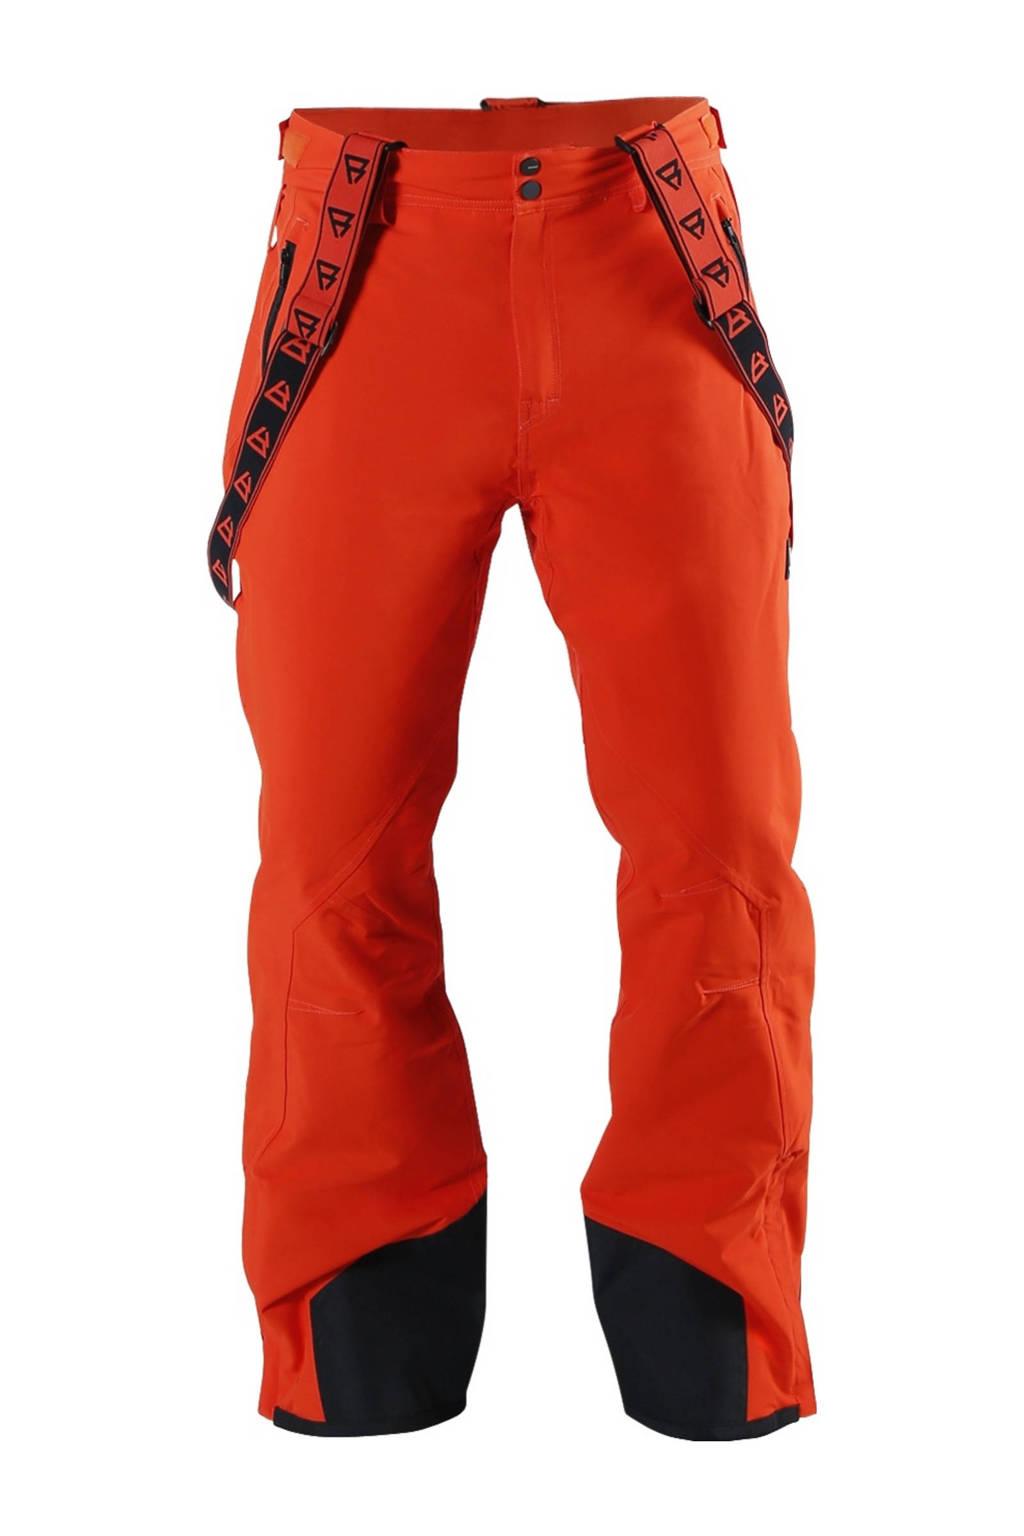 Brunotti skibroek Damiro rood, Rood